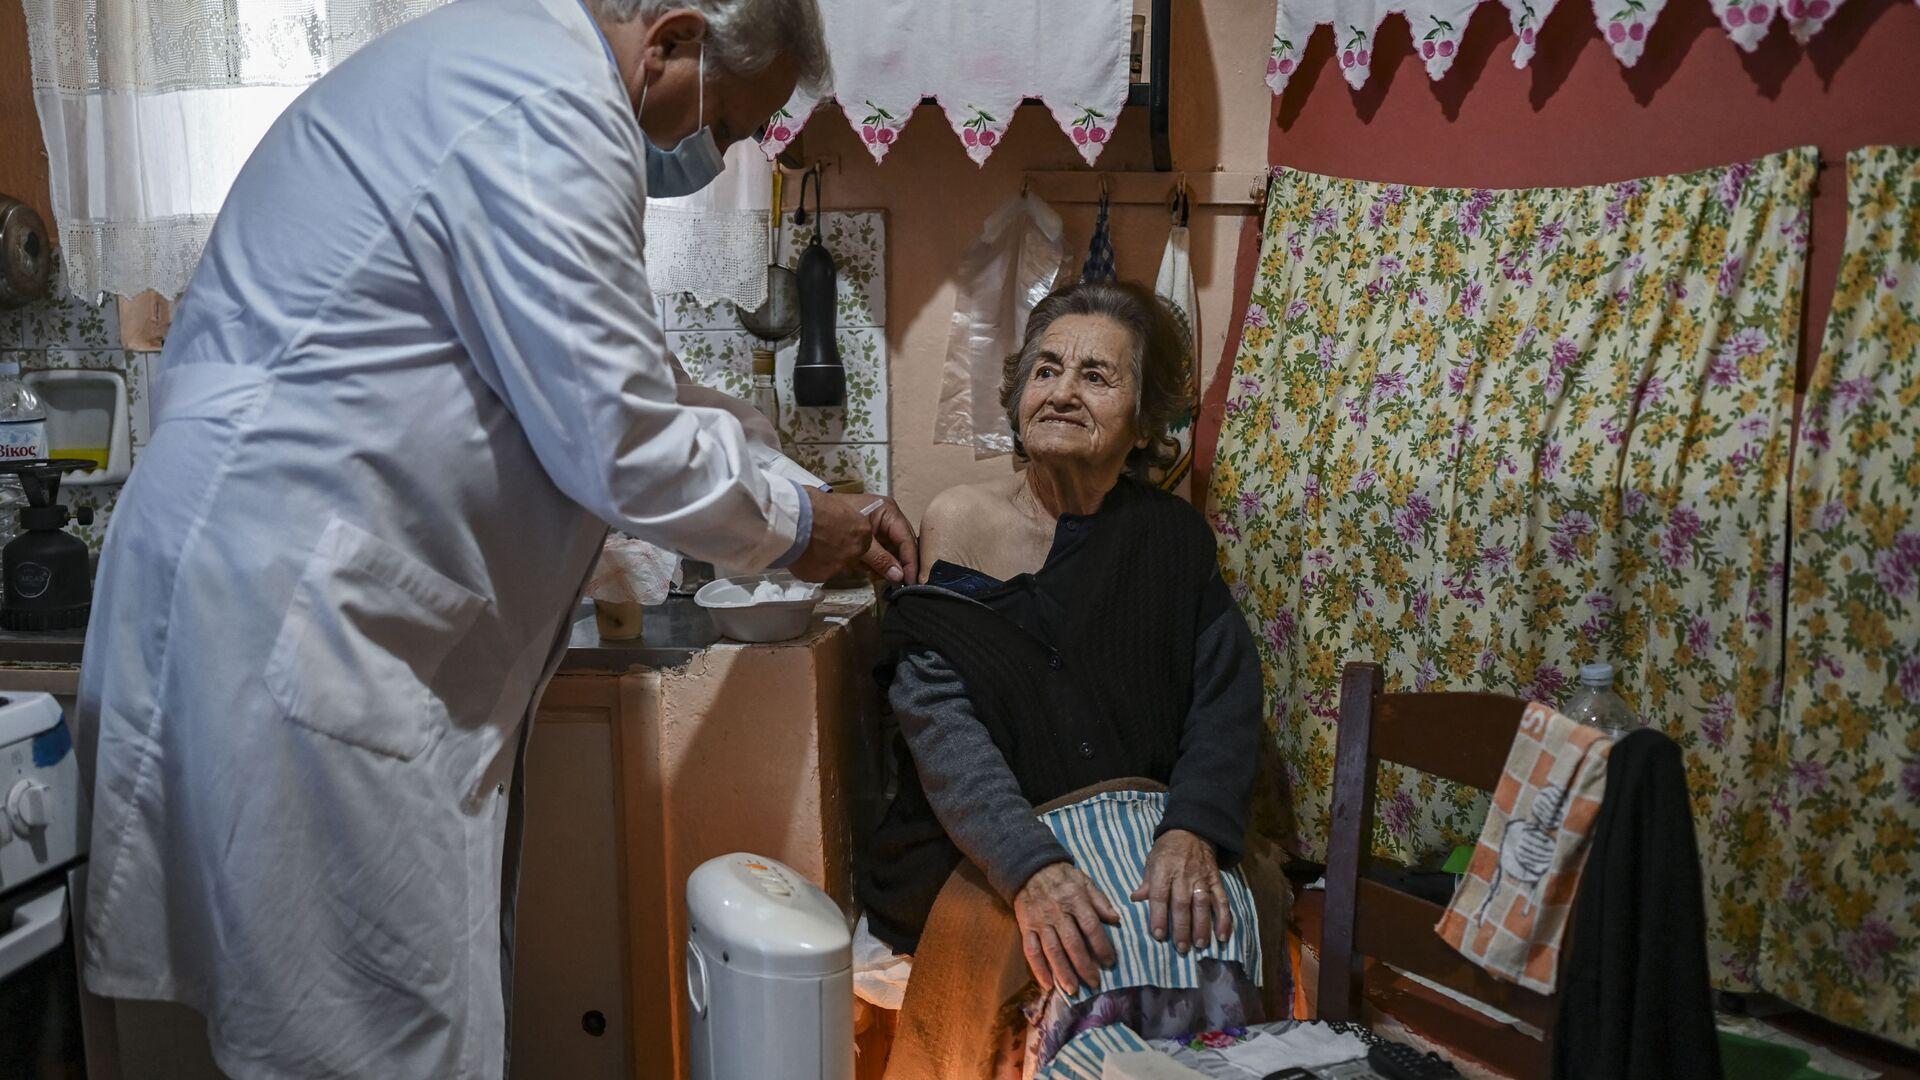 Доктор Анаргирос Мариолис вакцинирует пожилую женщину от Covid-19 на острове Элафониссос - Sputnik Латвия, 1920, 17.06.2021